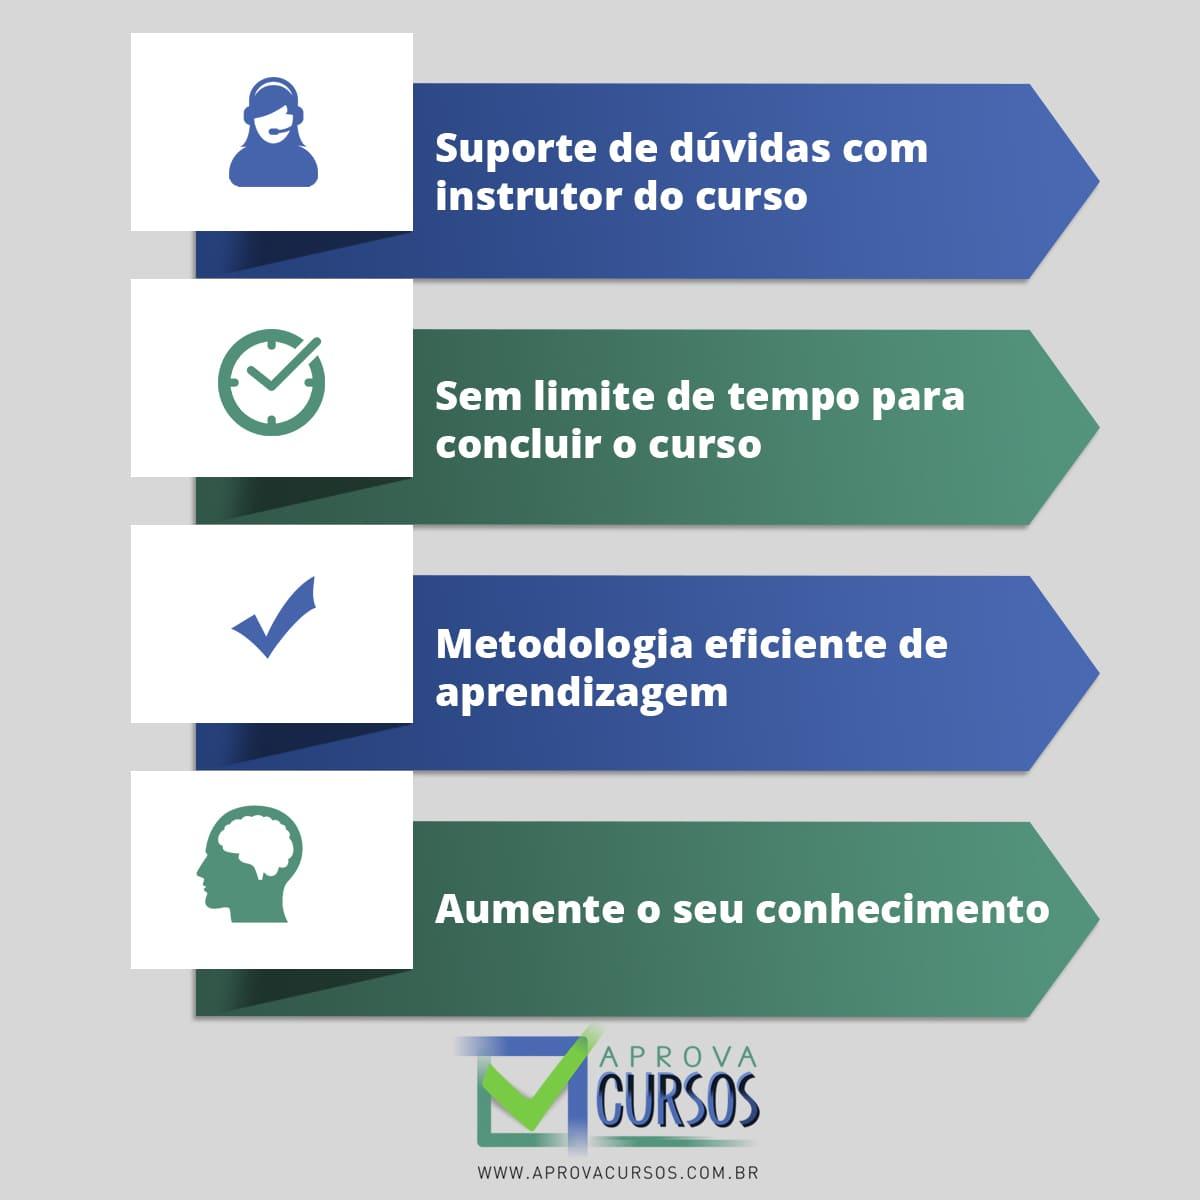 Curso Online de Gestão de Hospedagem com Certificado  - Aprova Cursos